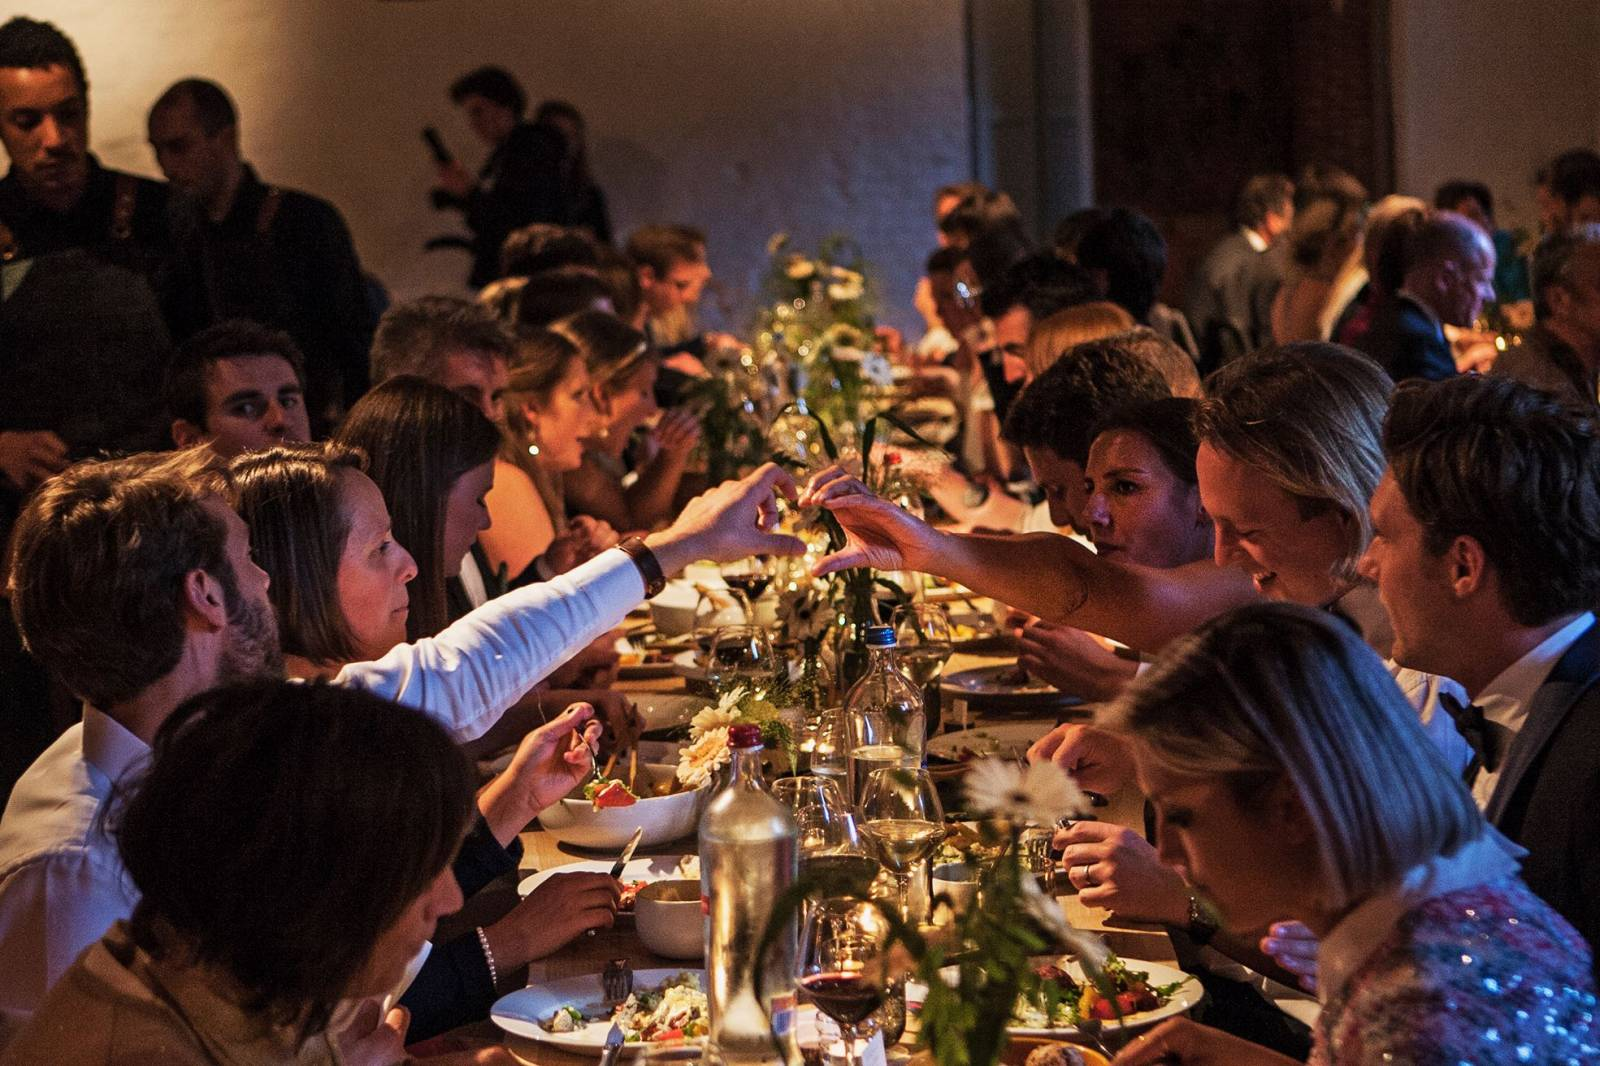 Foodsie - Catering - Cateraar - Traiteur - House of Weddings - 8